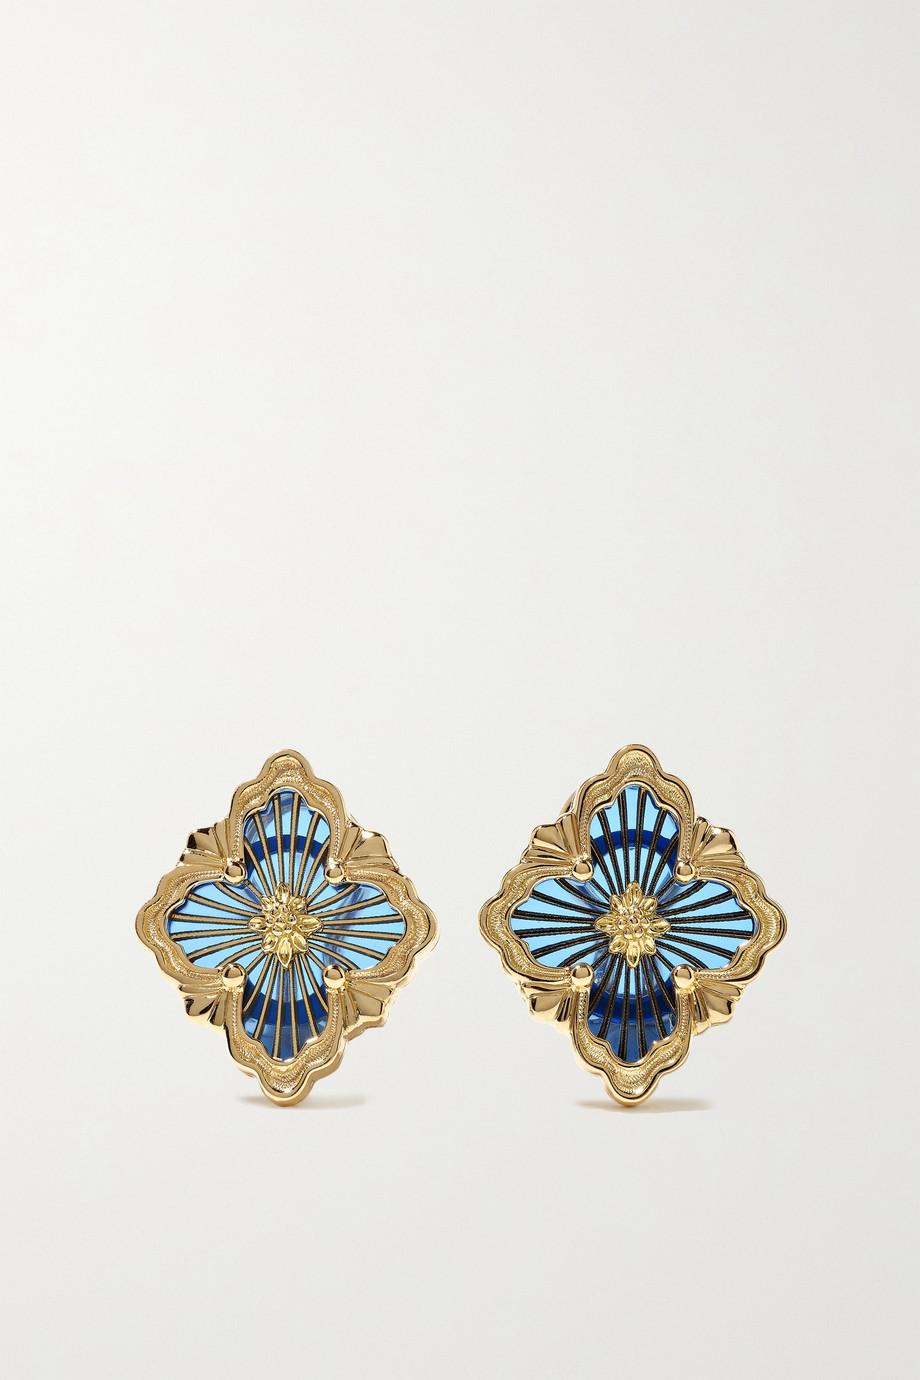 Buccellati Opera Tulle 18-karat gold enamel earrings